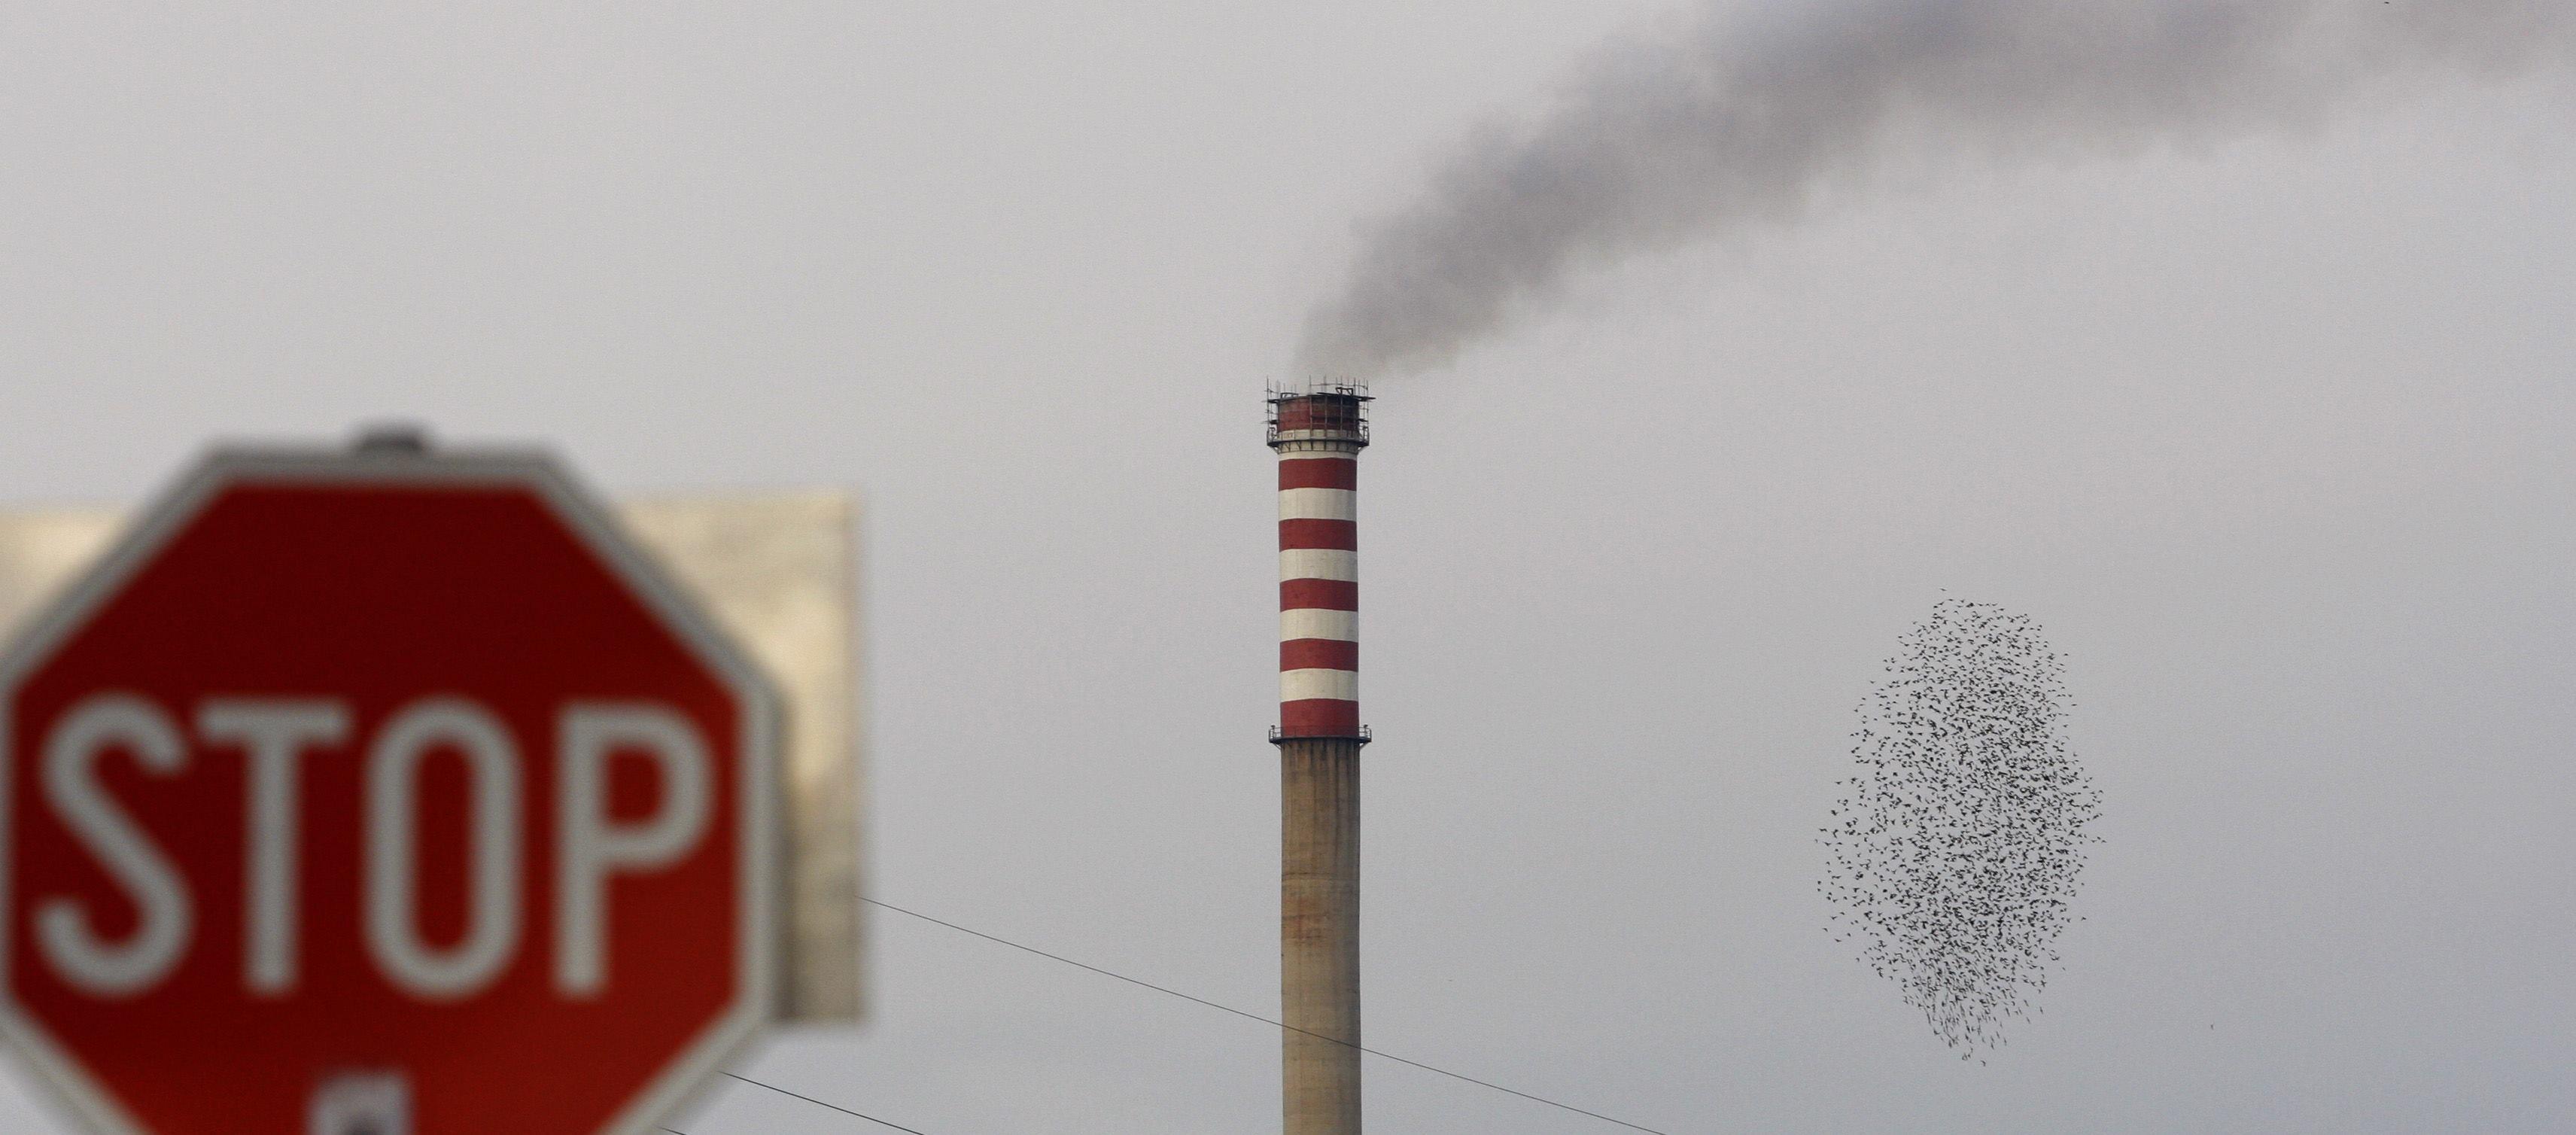 SUDSKA ODLUKA:  Karlovačka toplana nema pravo naplaćivati grijanje izdvojenima iz sustava grijanja